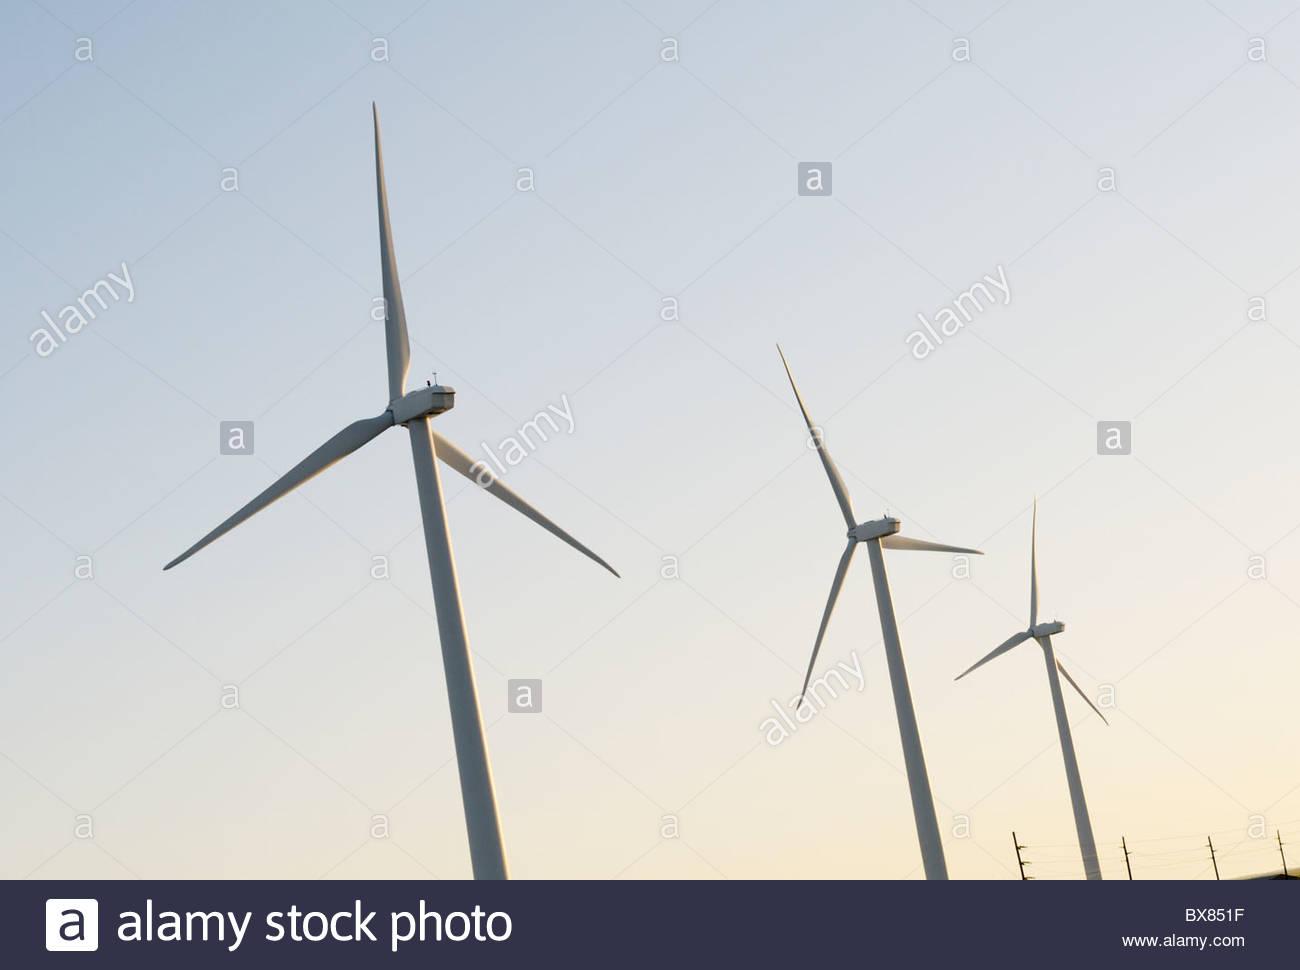 Tres turbinas eólicas con líneas de transmisión eléctrica en el fondo, al amanecer Imagen De Stock